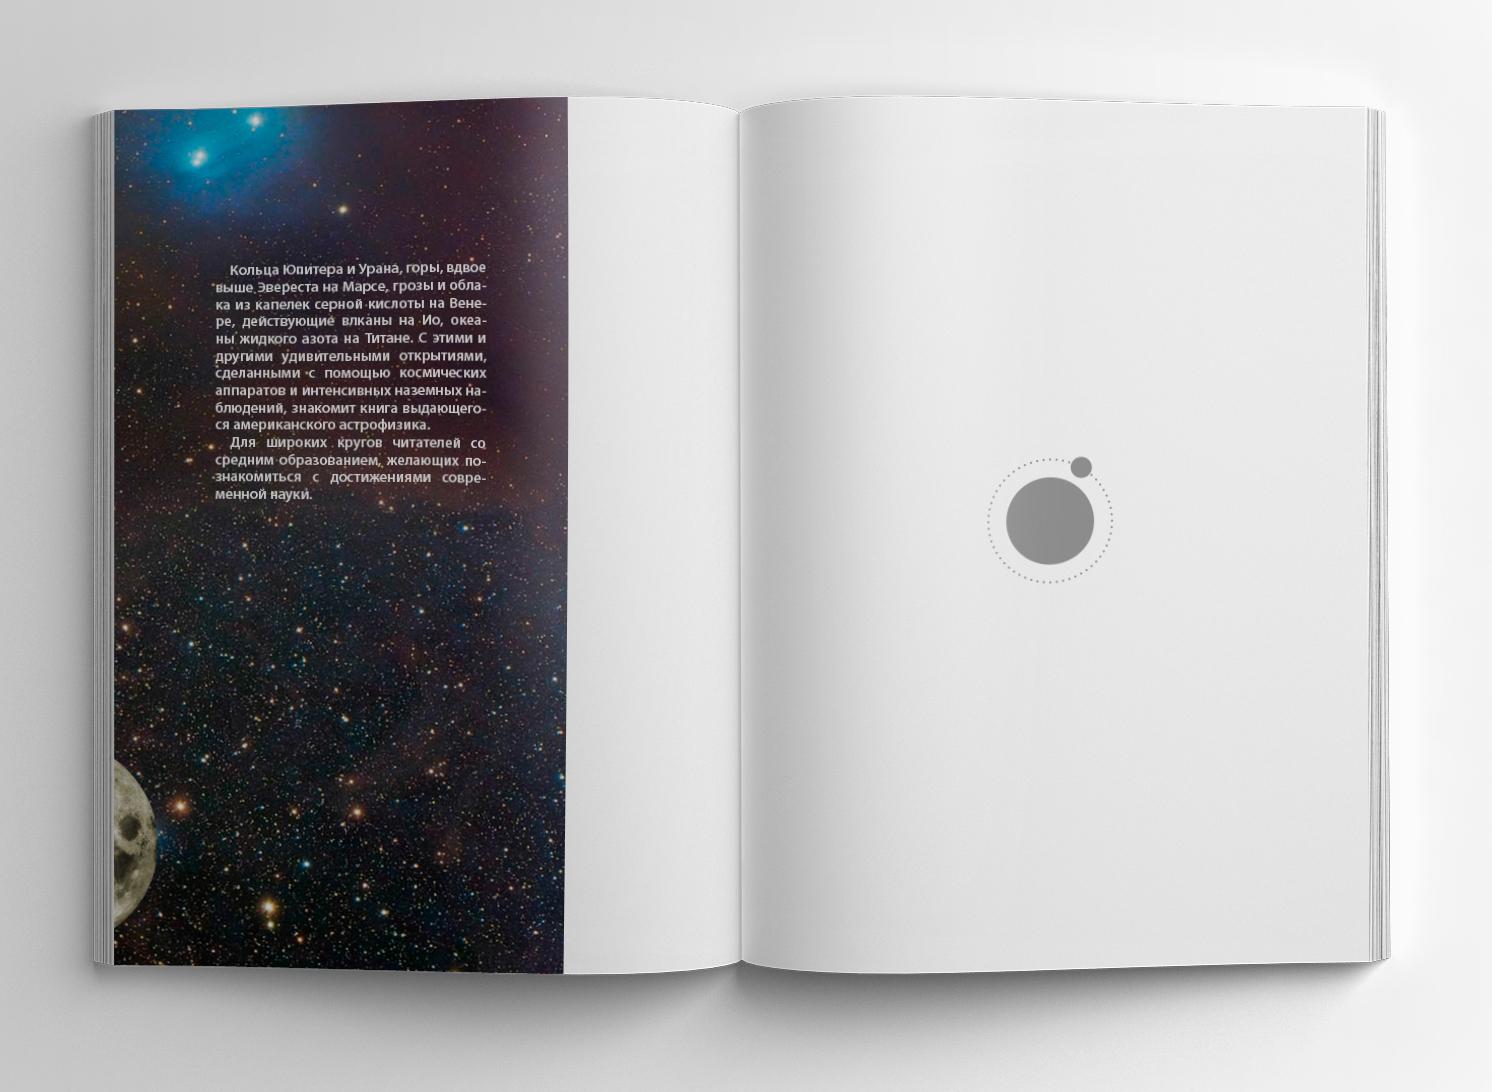 Ф. Л. Уиппл «Семья солнца» — проект книги — форзац